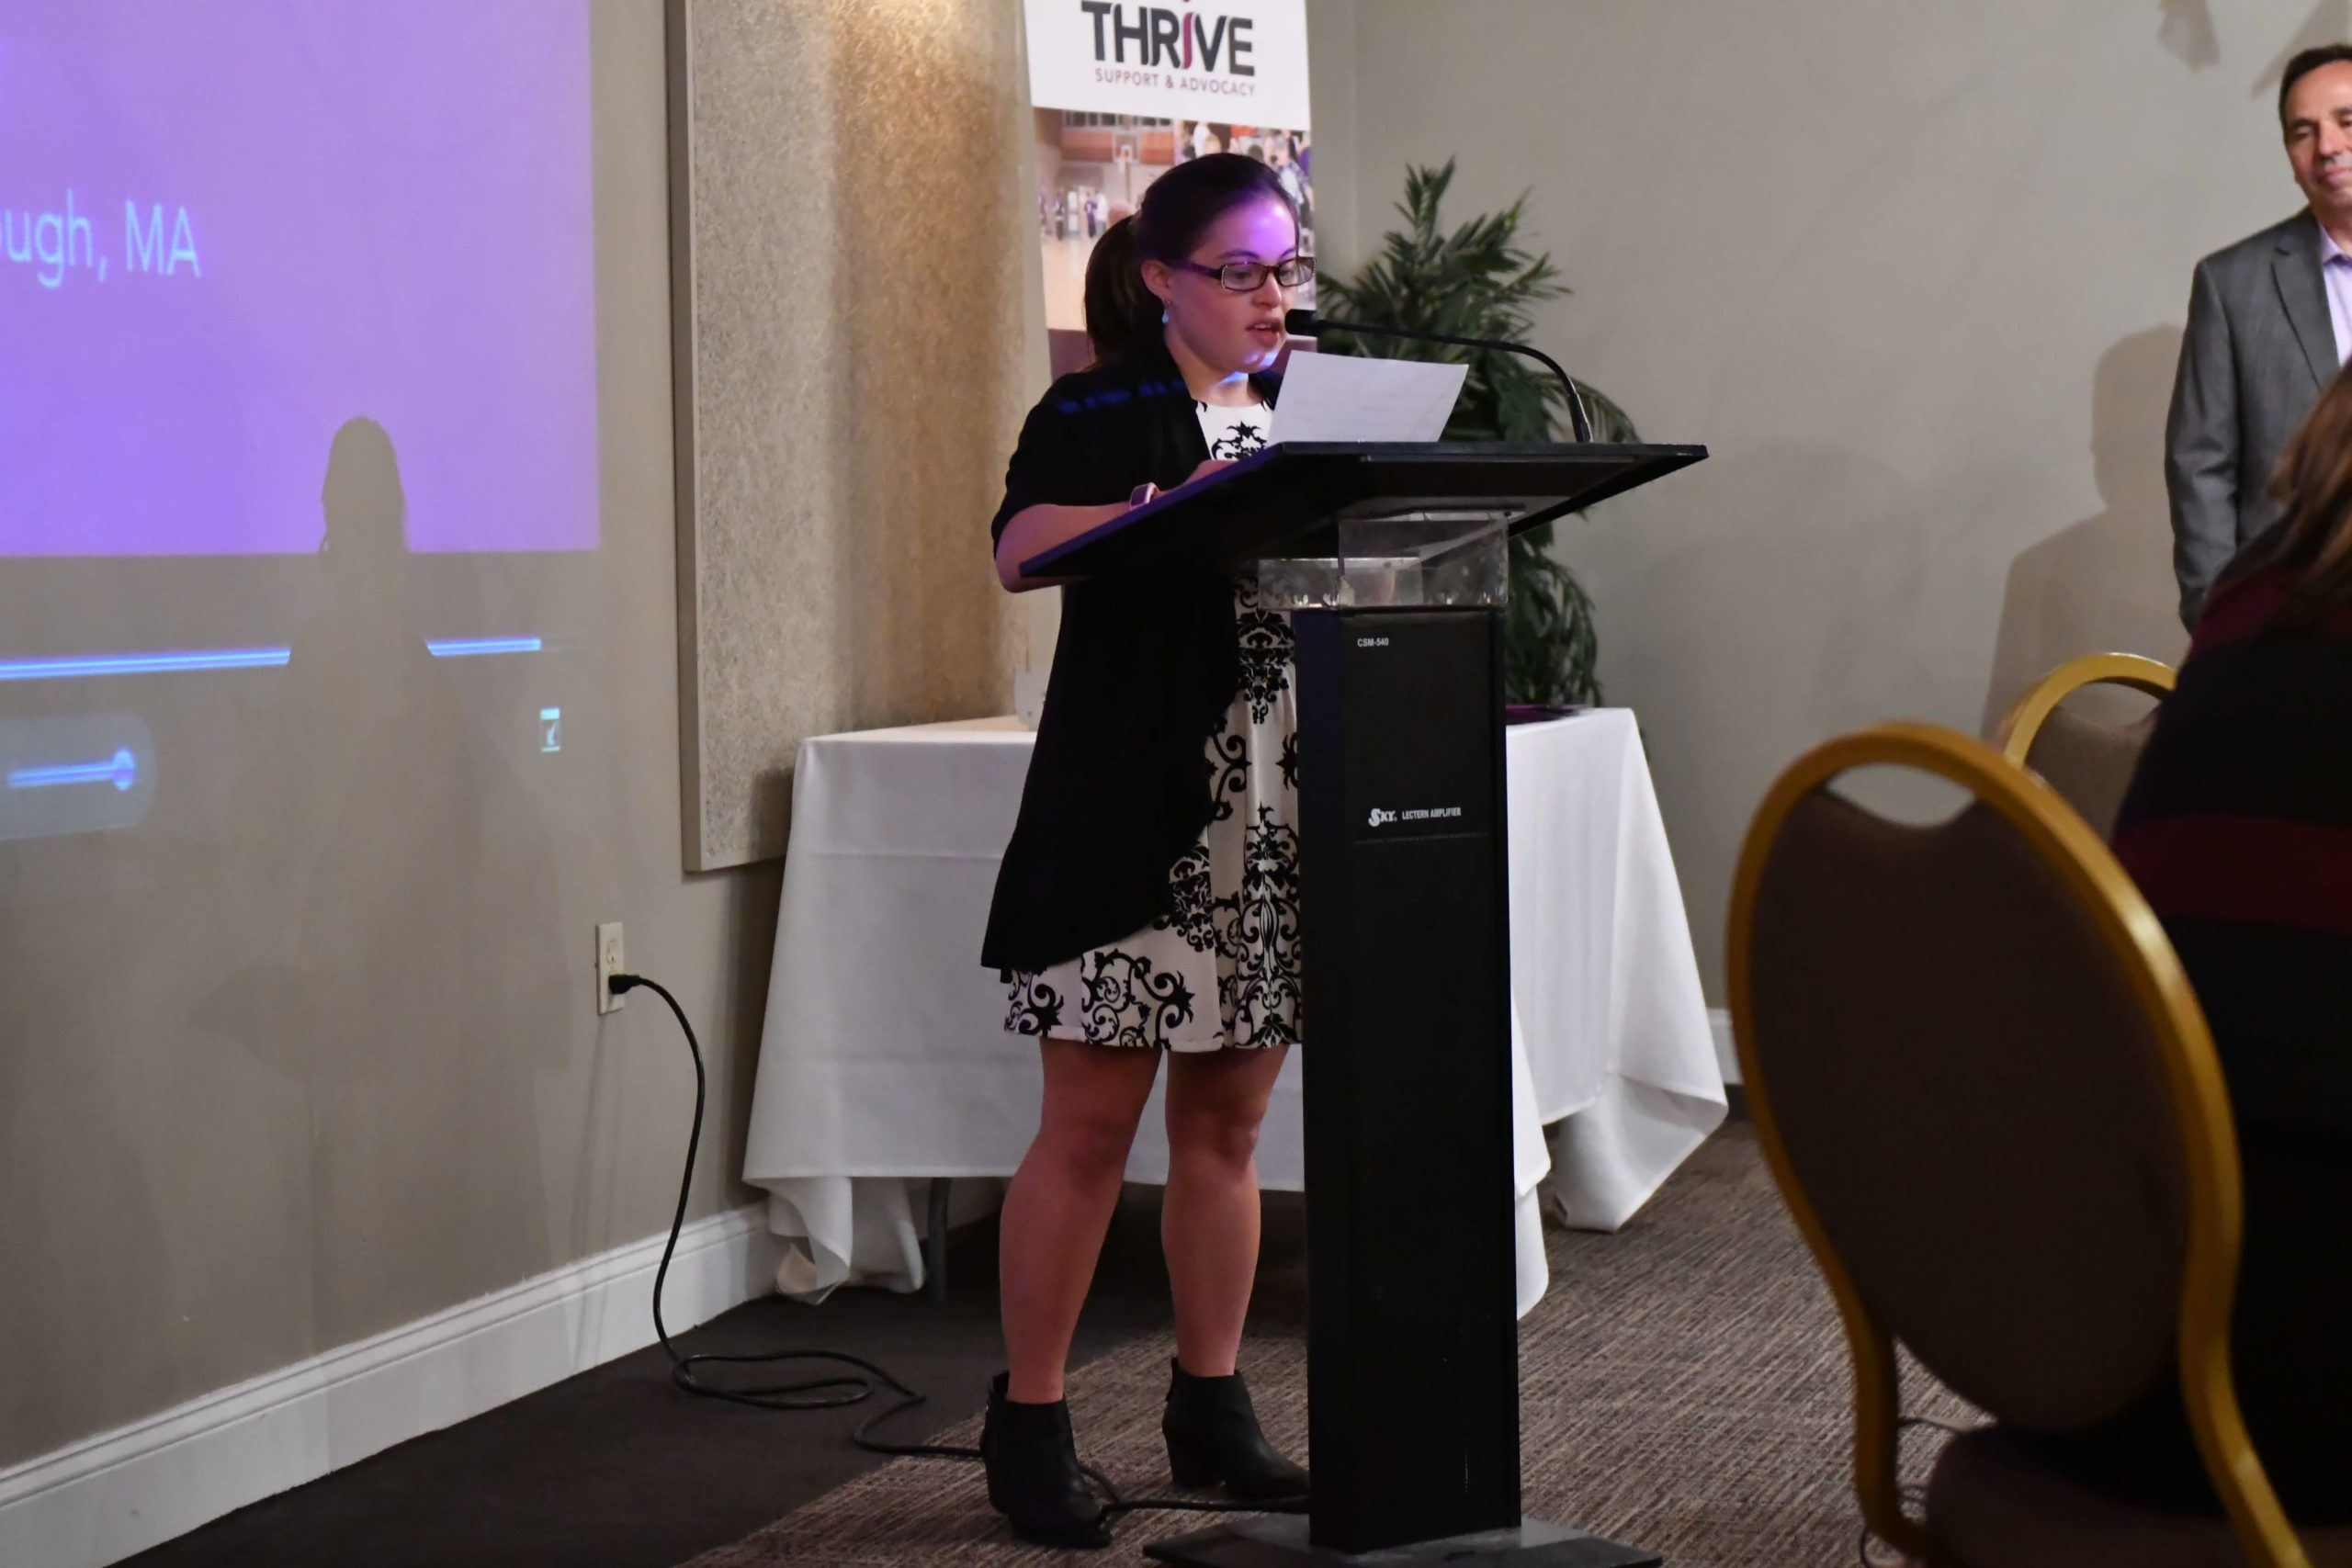 Thrive Speech